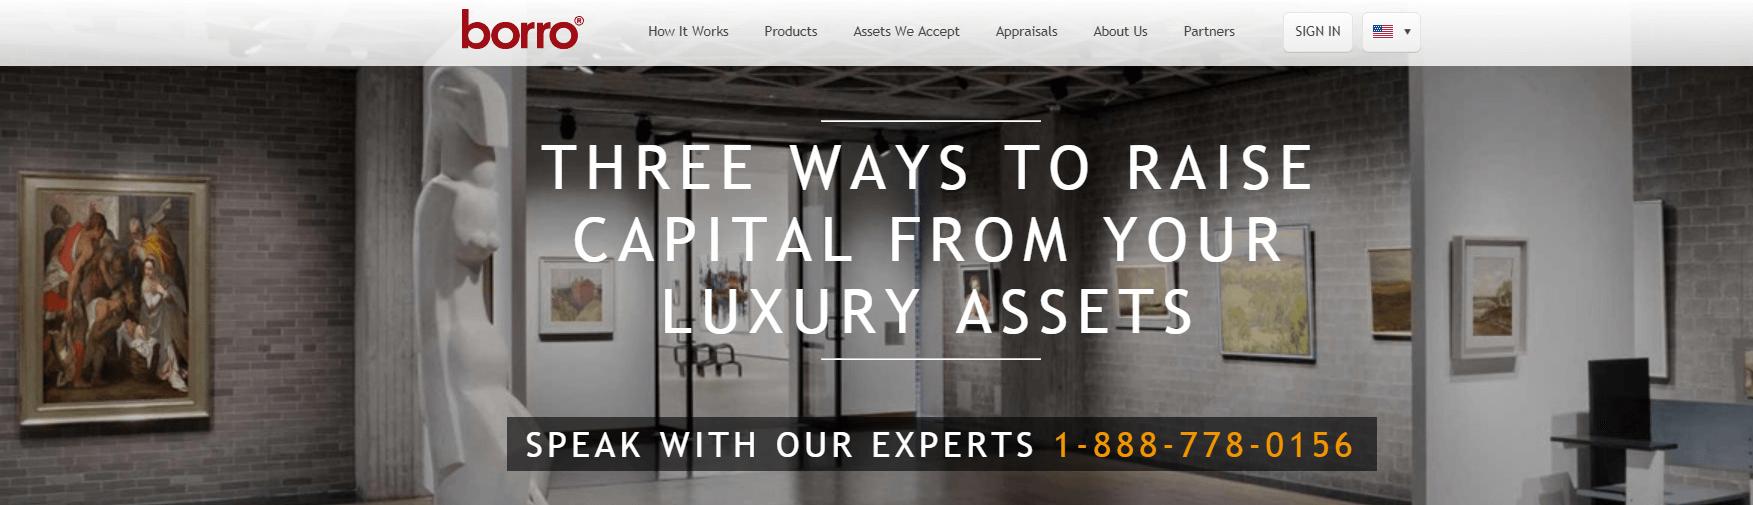 Lending Against Luxury with Borro.com